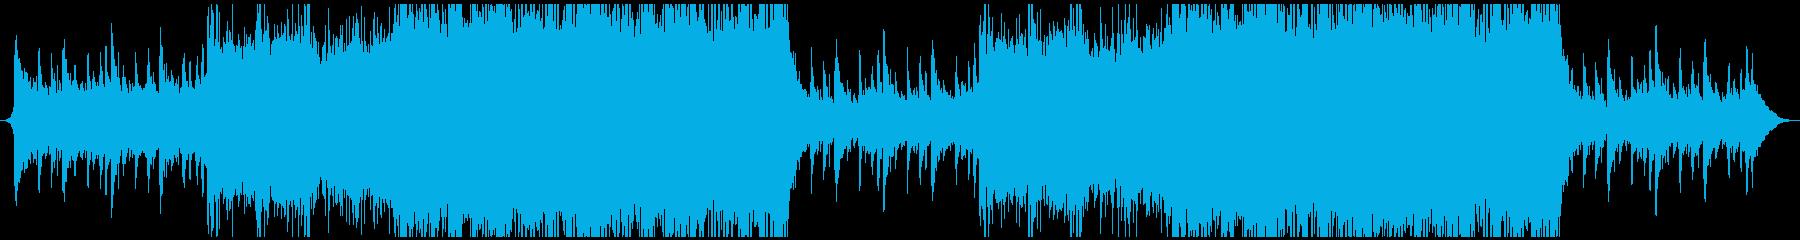 電気音響シンフォニー 企業イメージ...の再生済みの波形